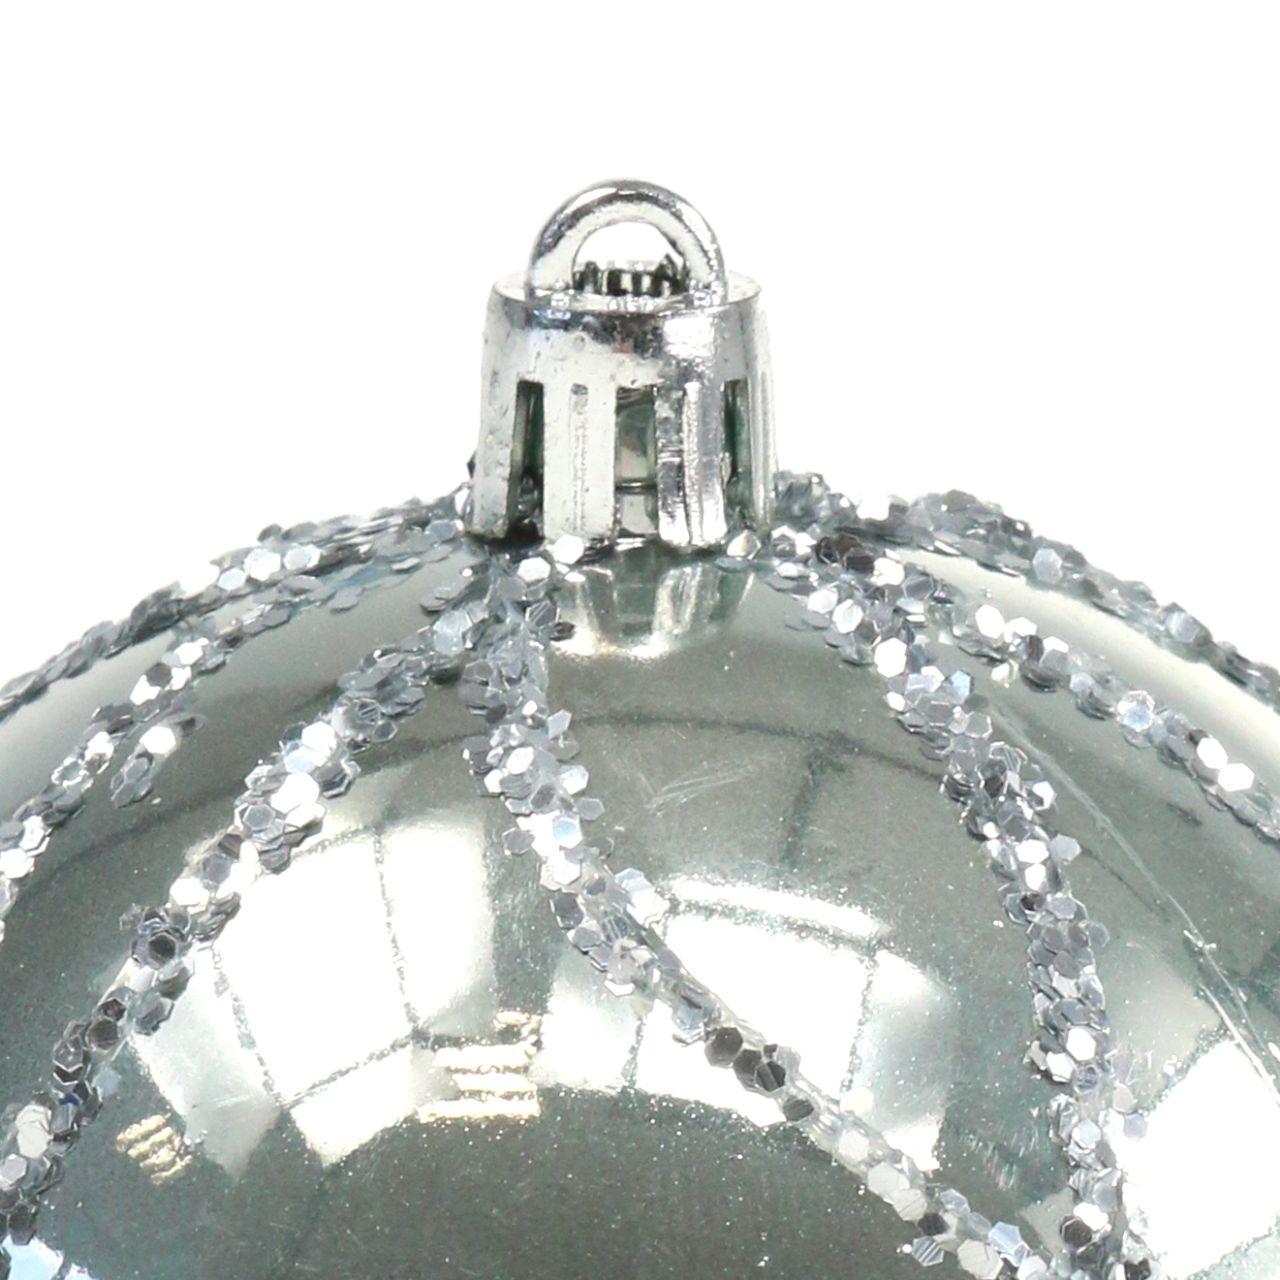 Julekugle plast sølv Ø8cm 2stk